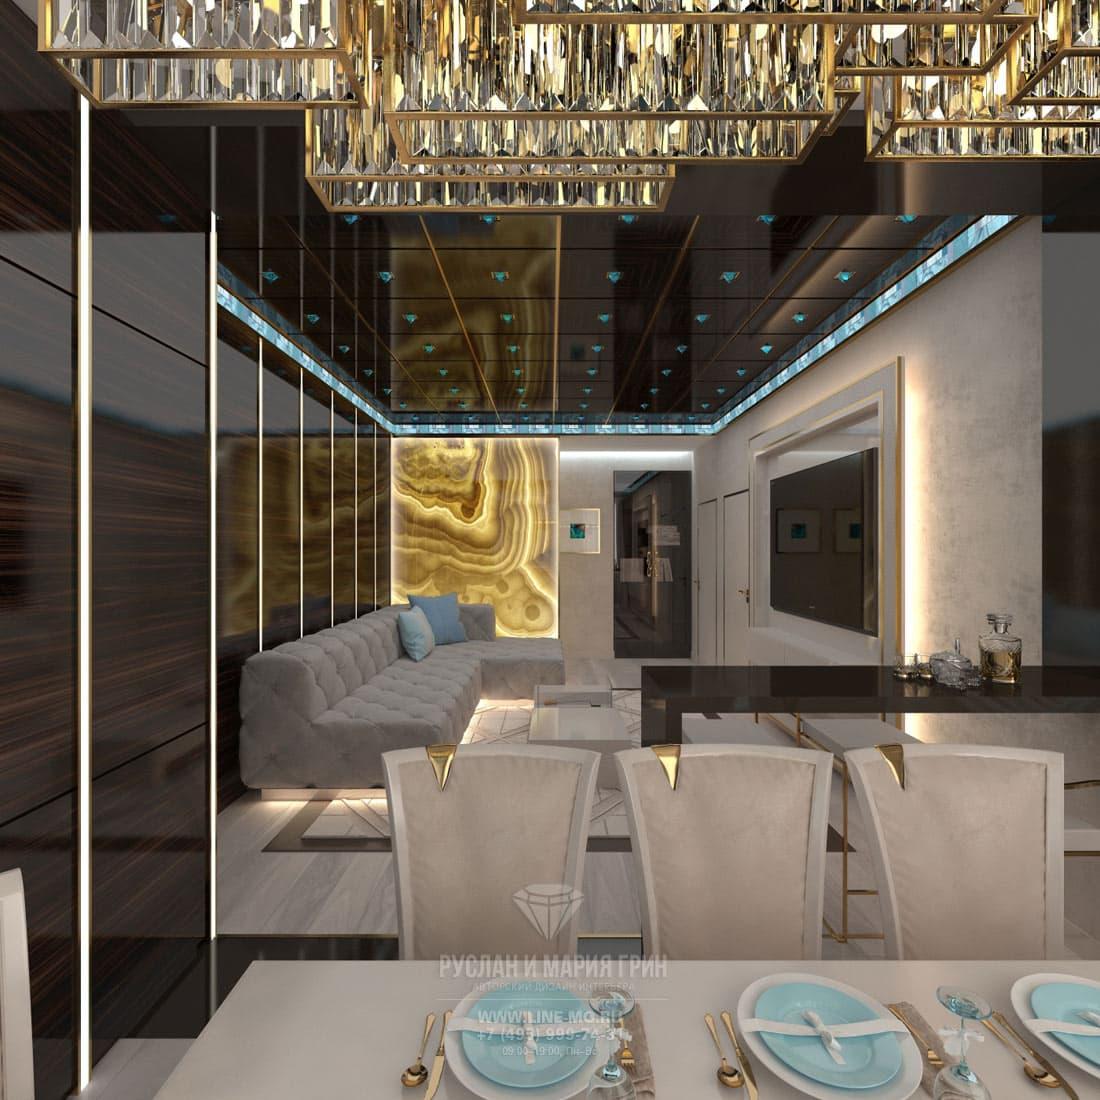 Дизайн интерьера гостиной в стиле арт-деко. Фото 2017